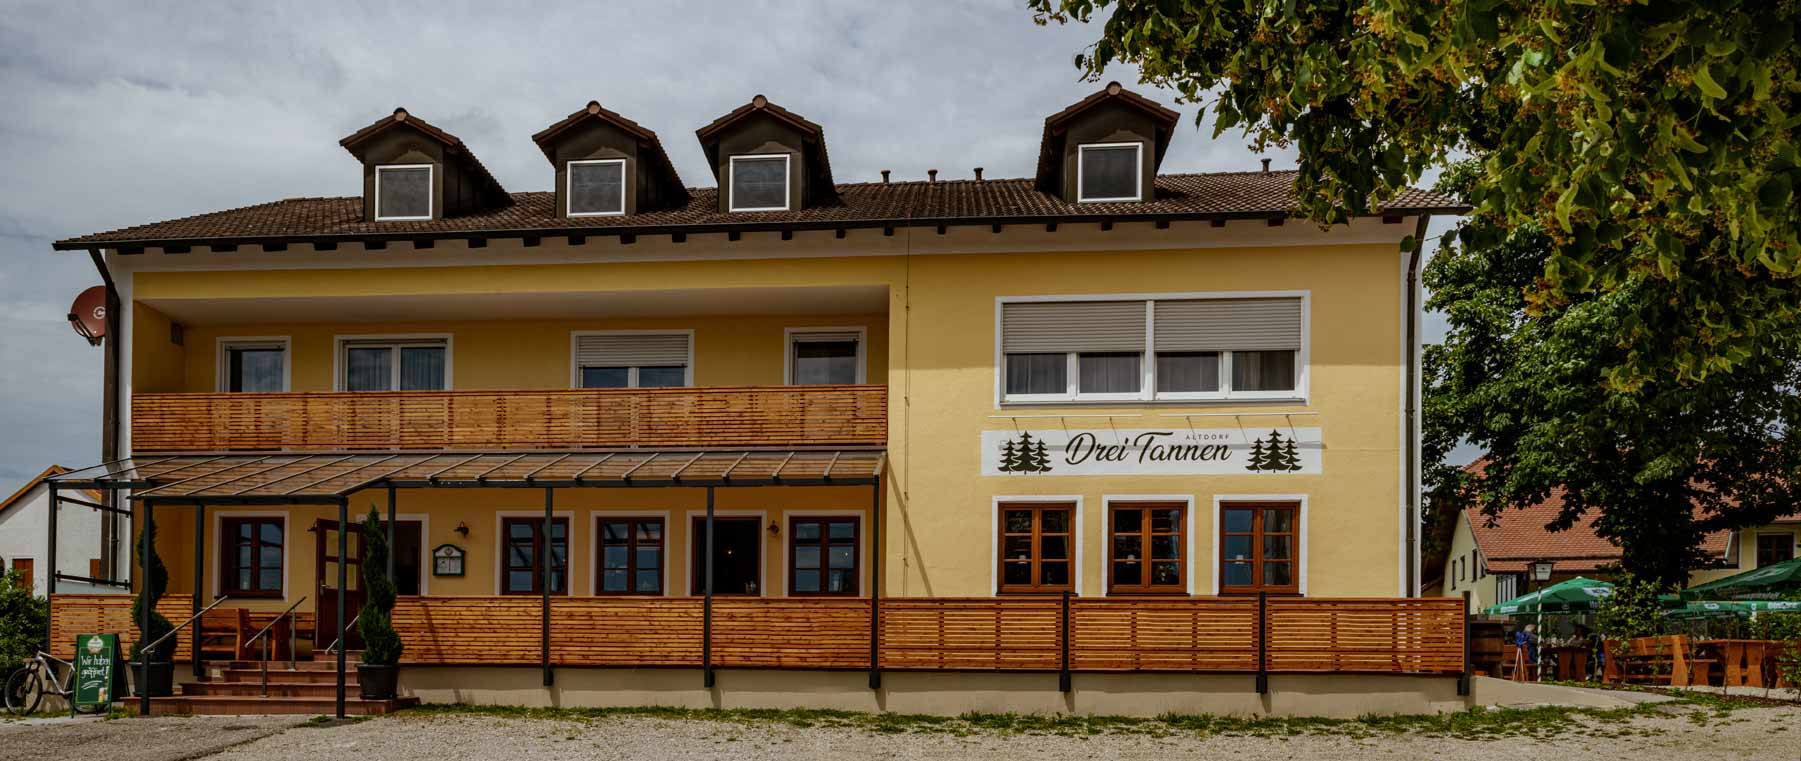 Gasthof Drei Tannen bei Altdorf